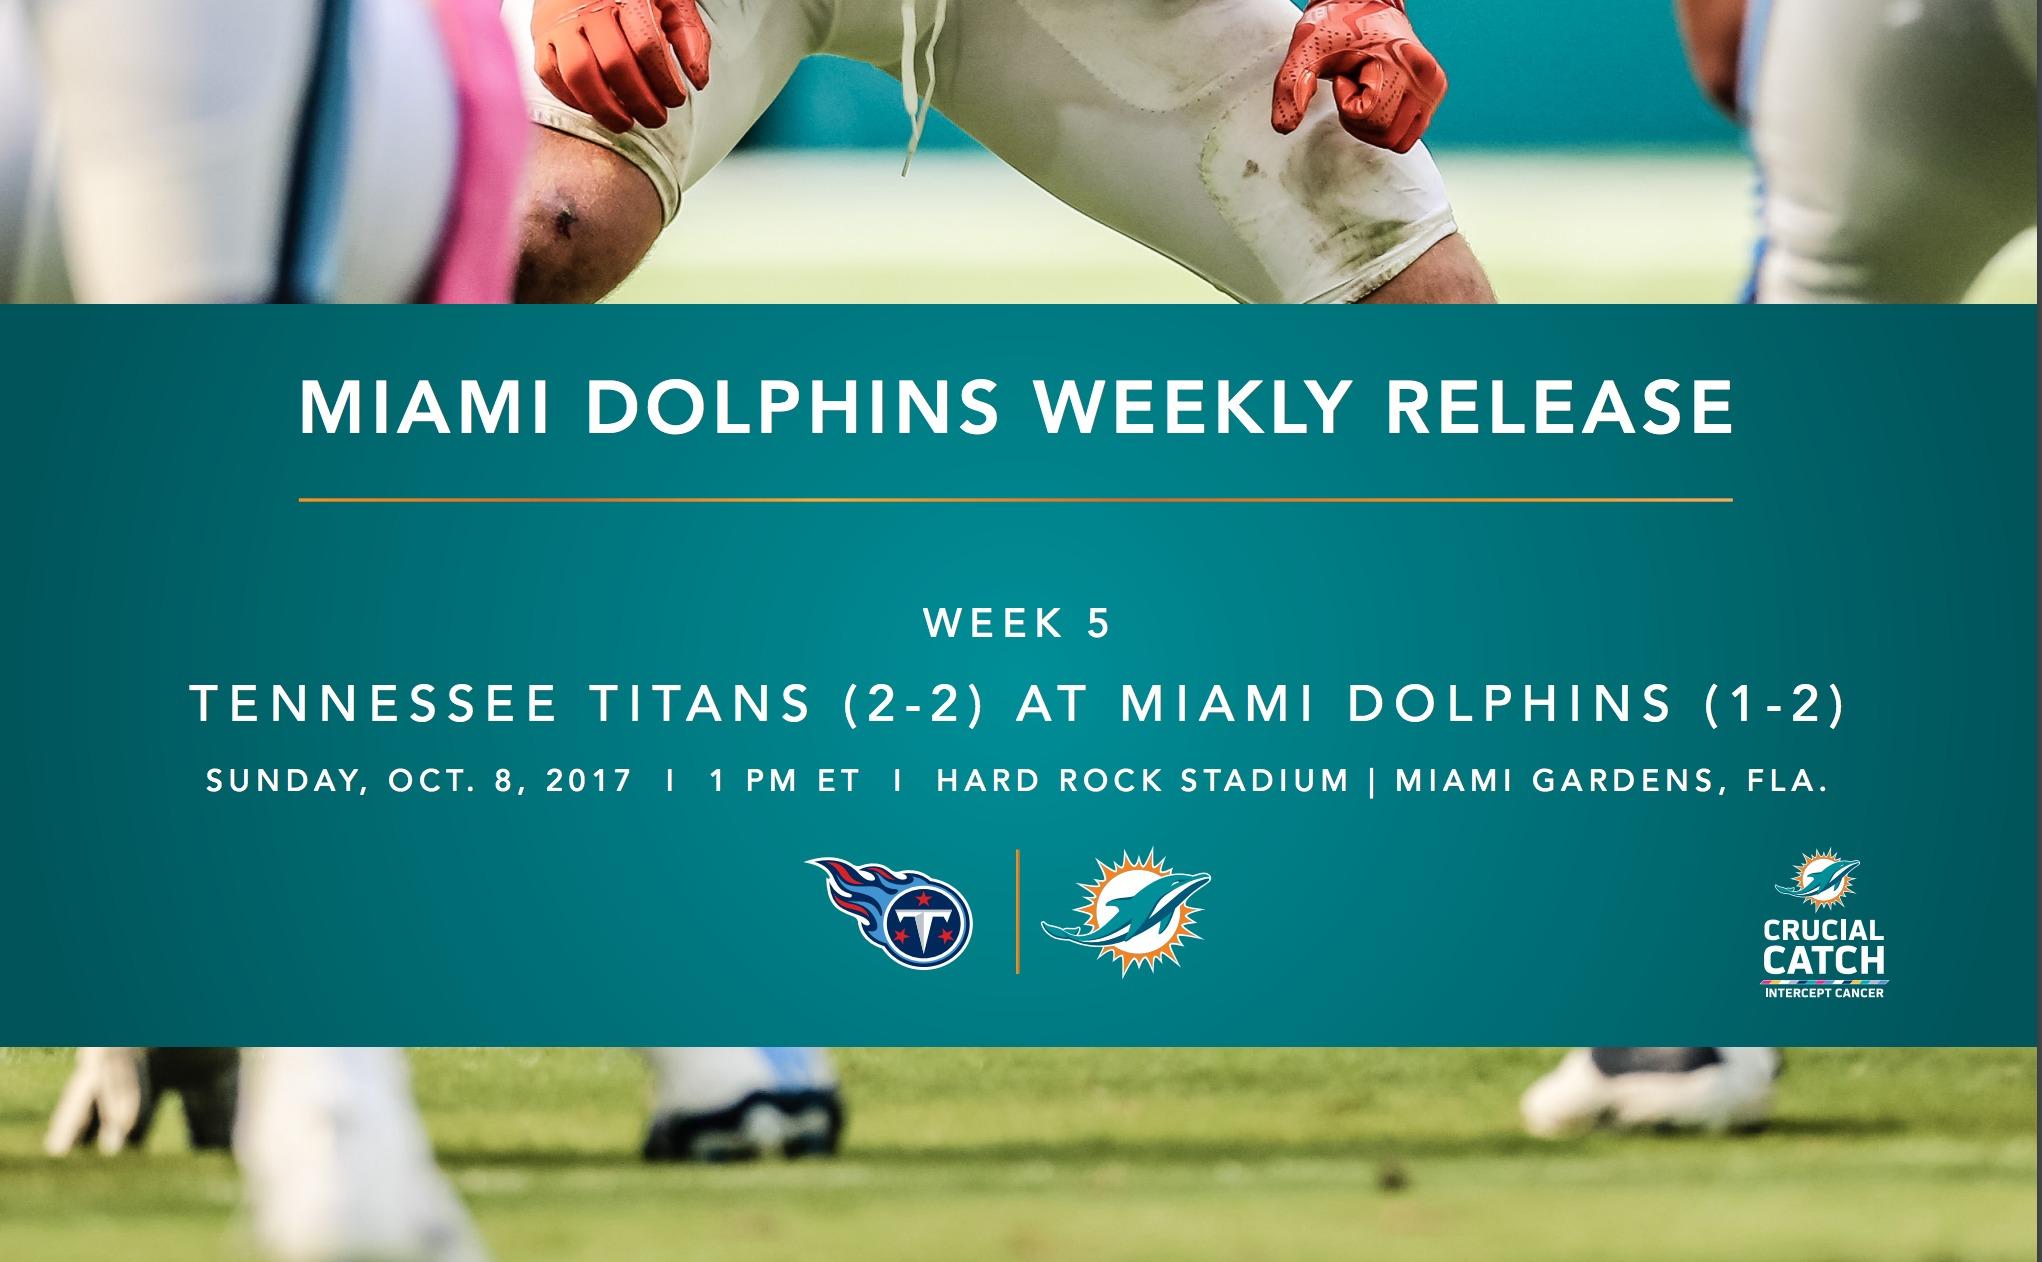 [NFL] Media release e capsule di week 5